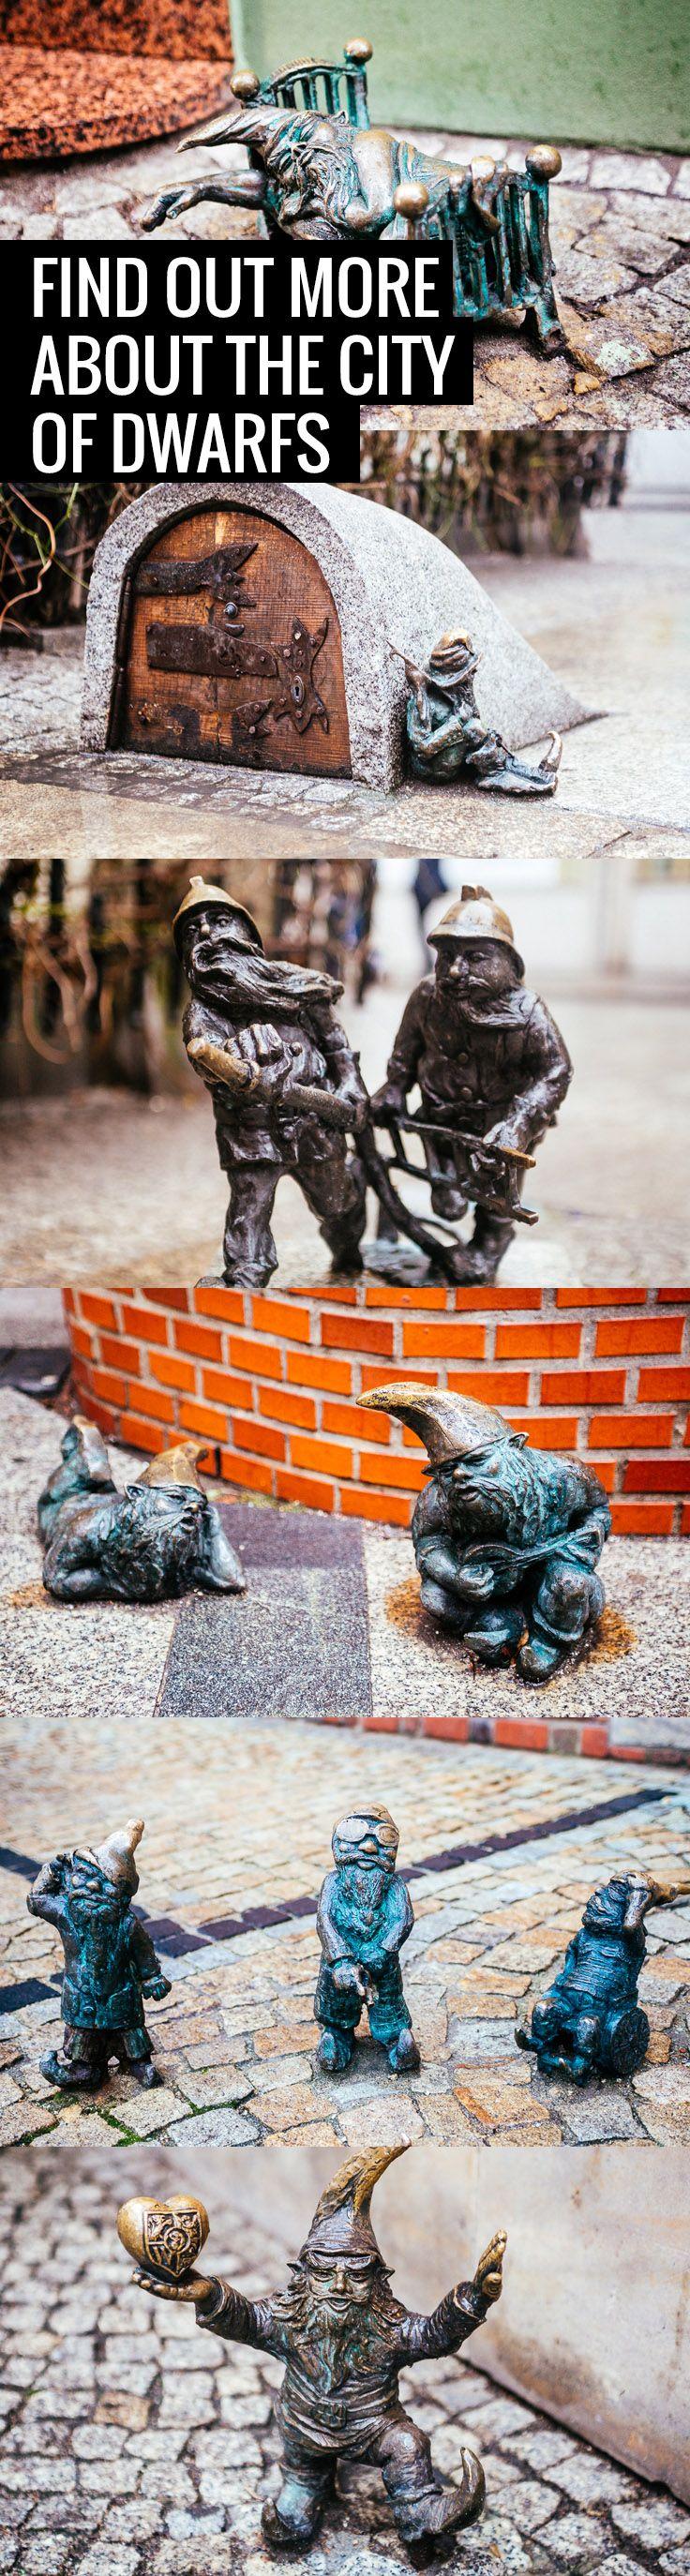 Wrocław is the Polish city of little tiny dwarfs. Do you know why?